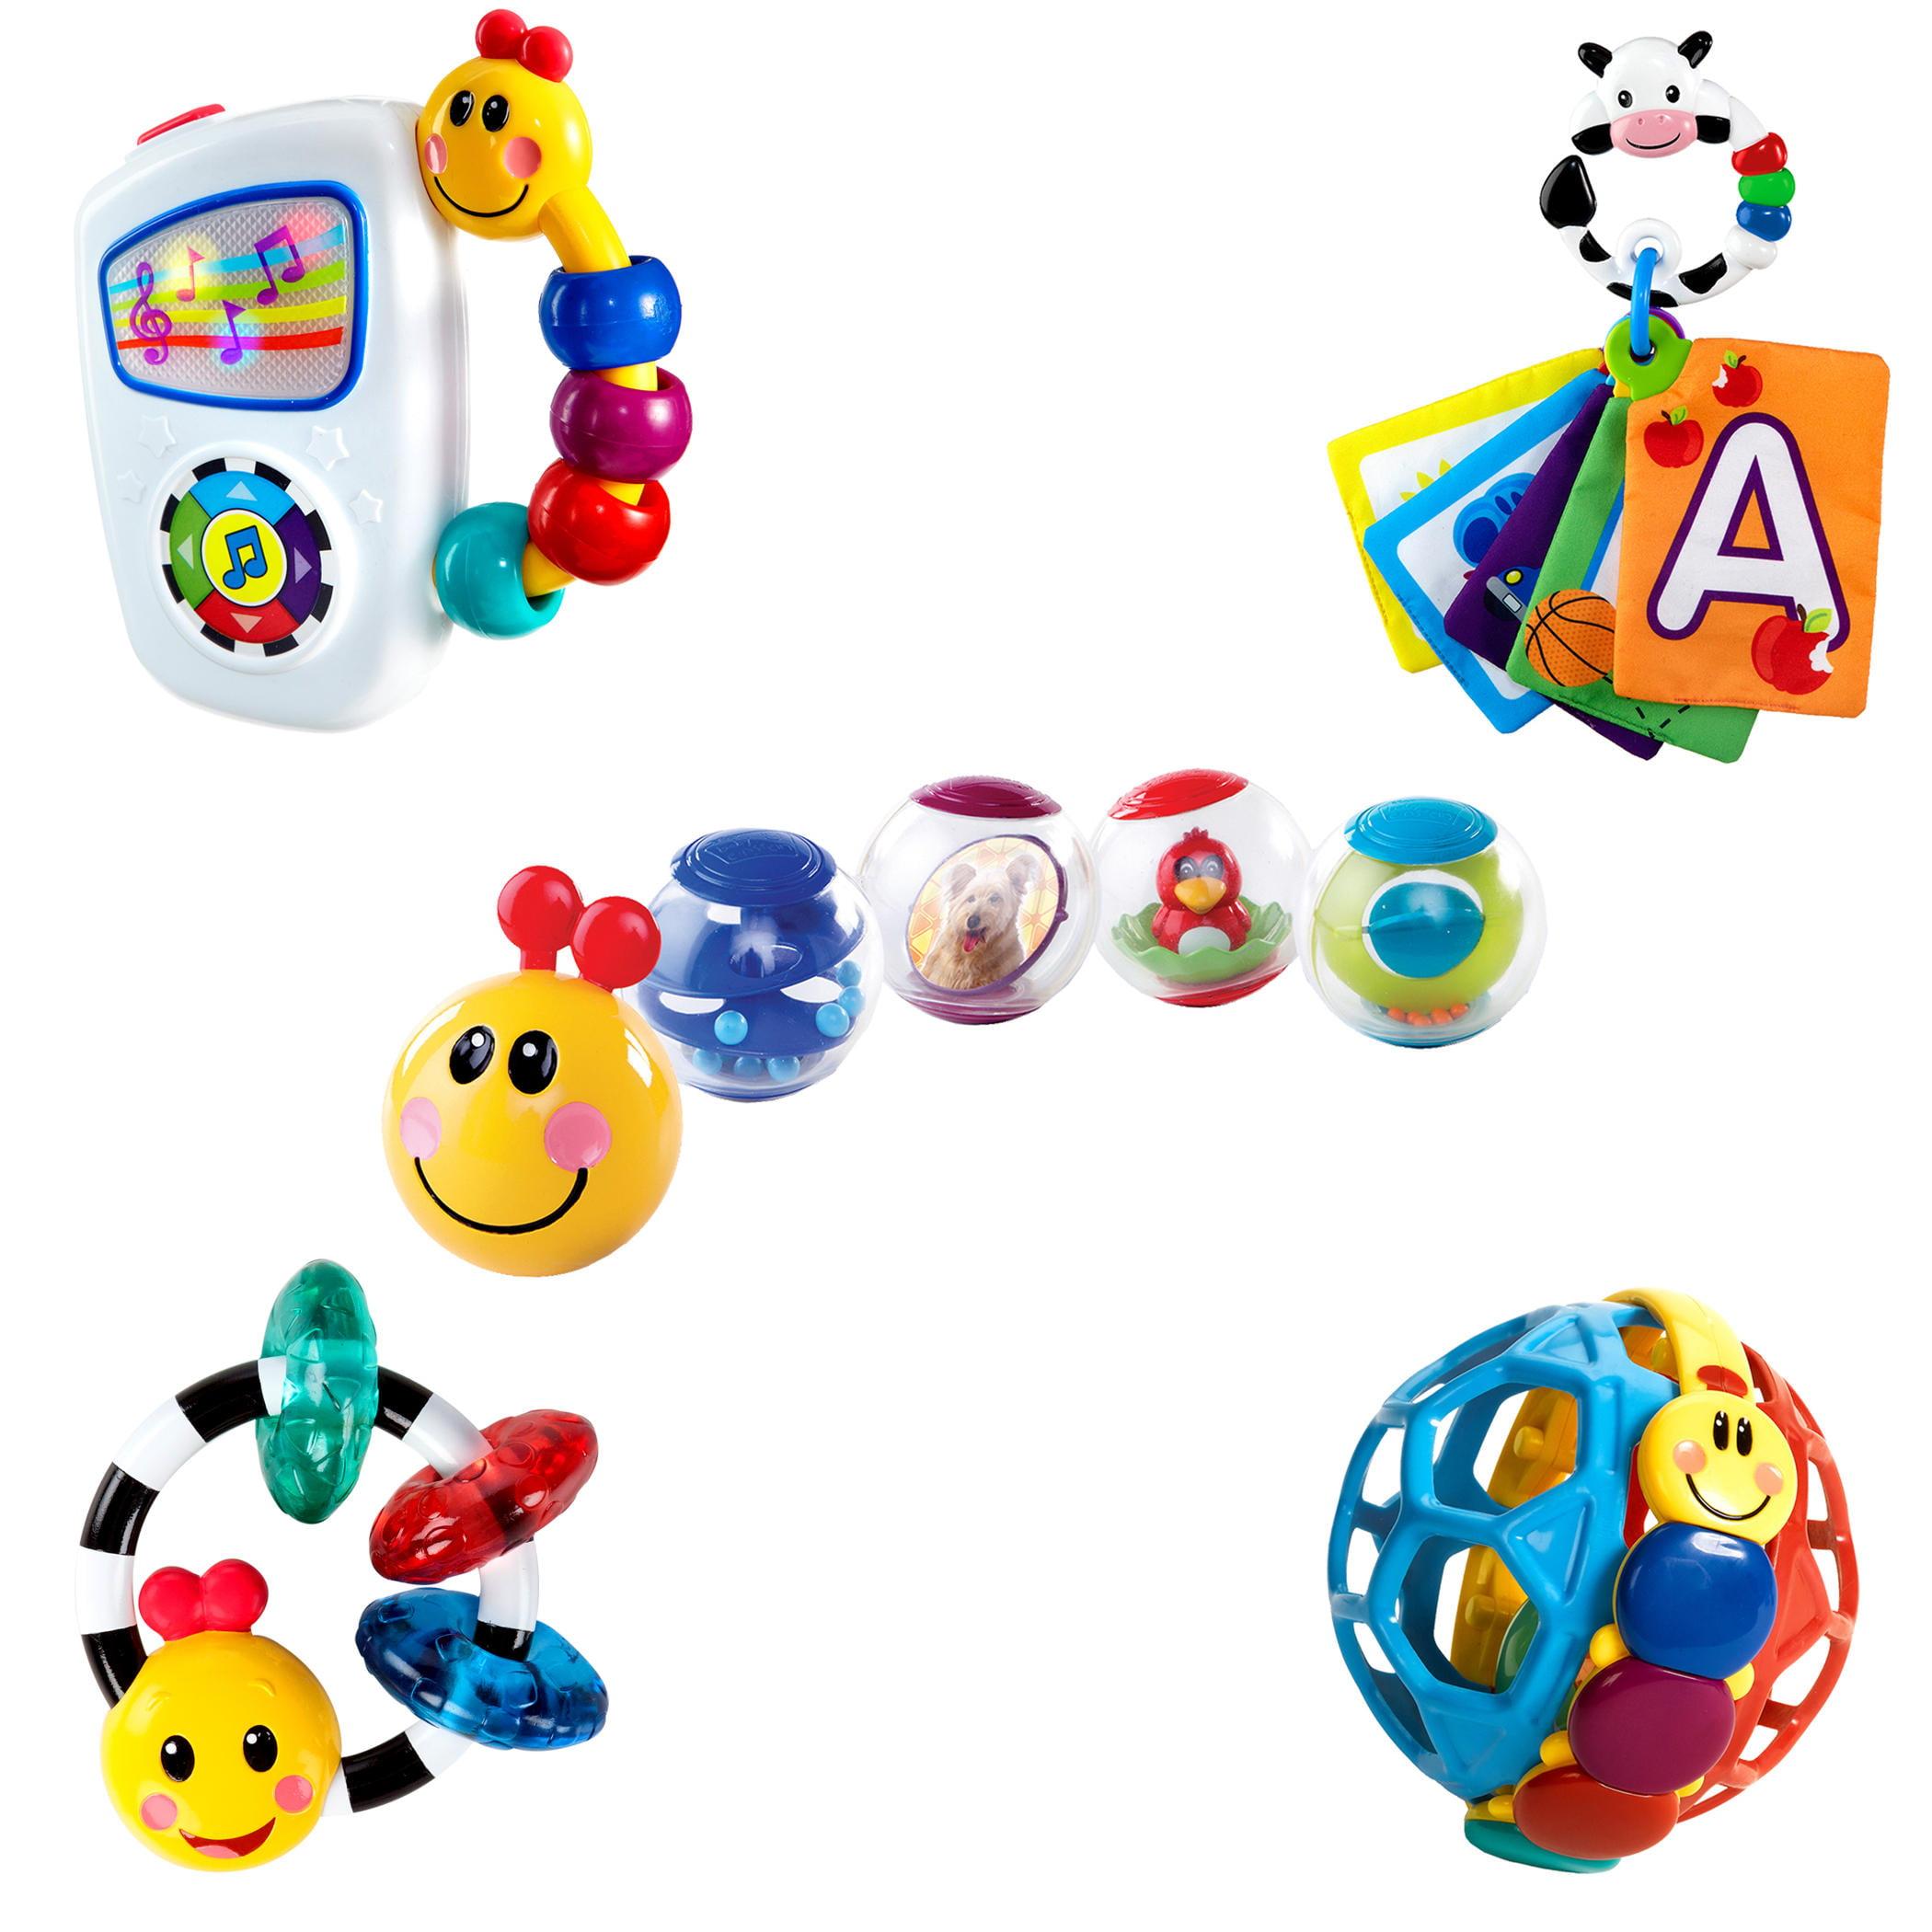 Baby Einstein Baby Einstein Discovery Essentials Gift Pack